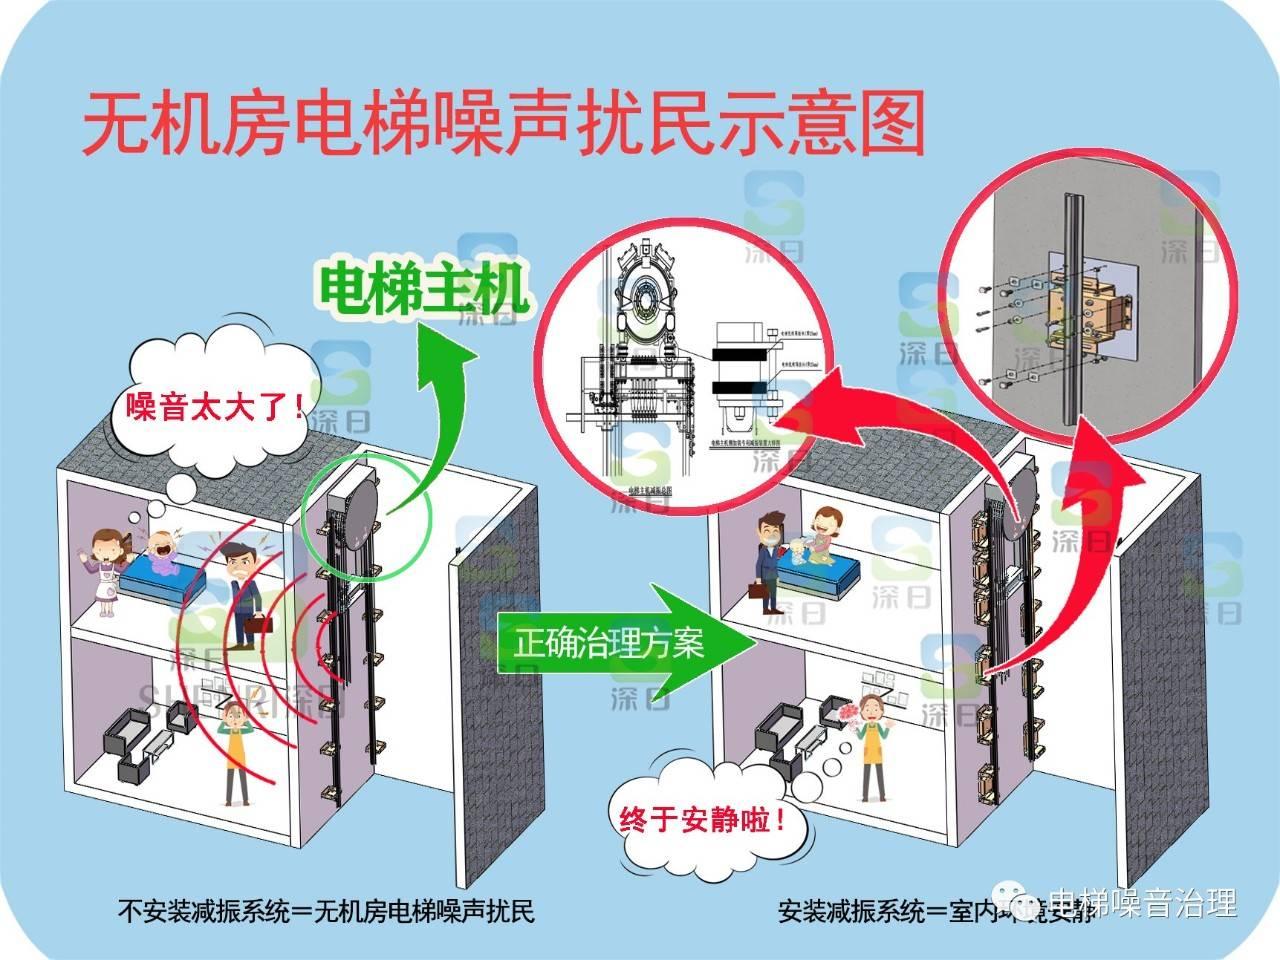 三菱电梯无机房图片